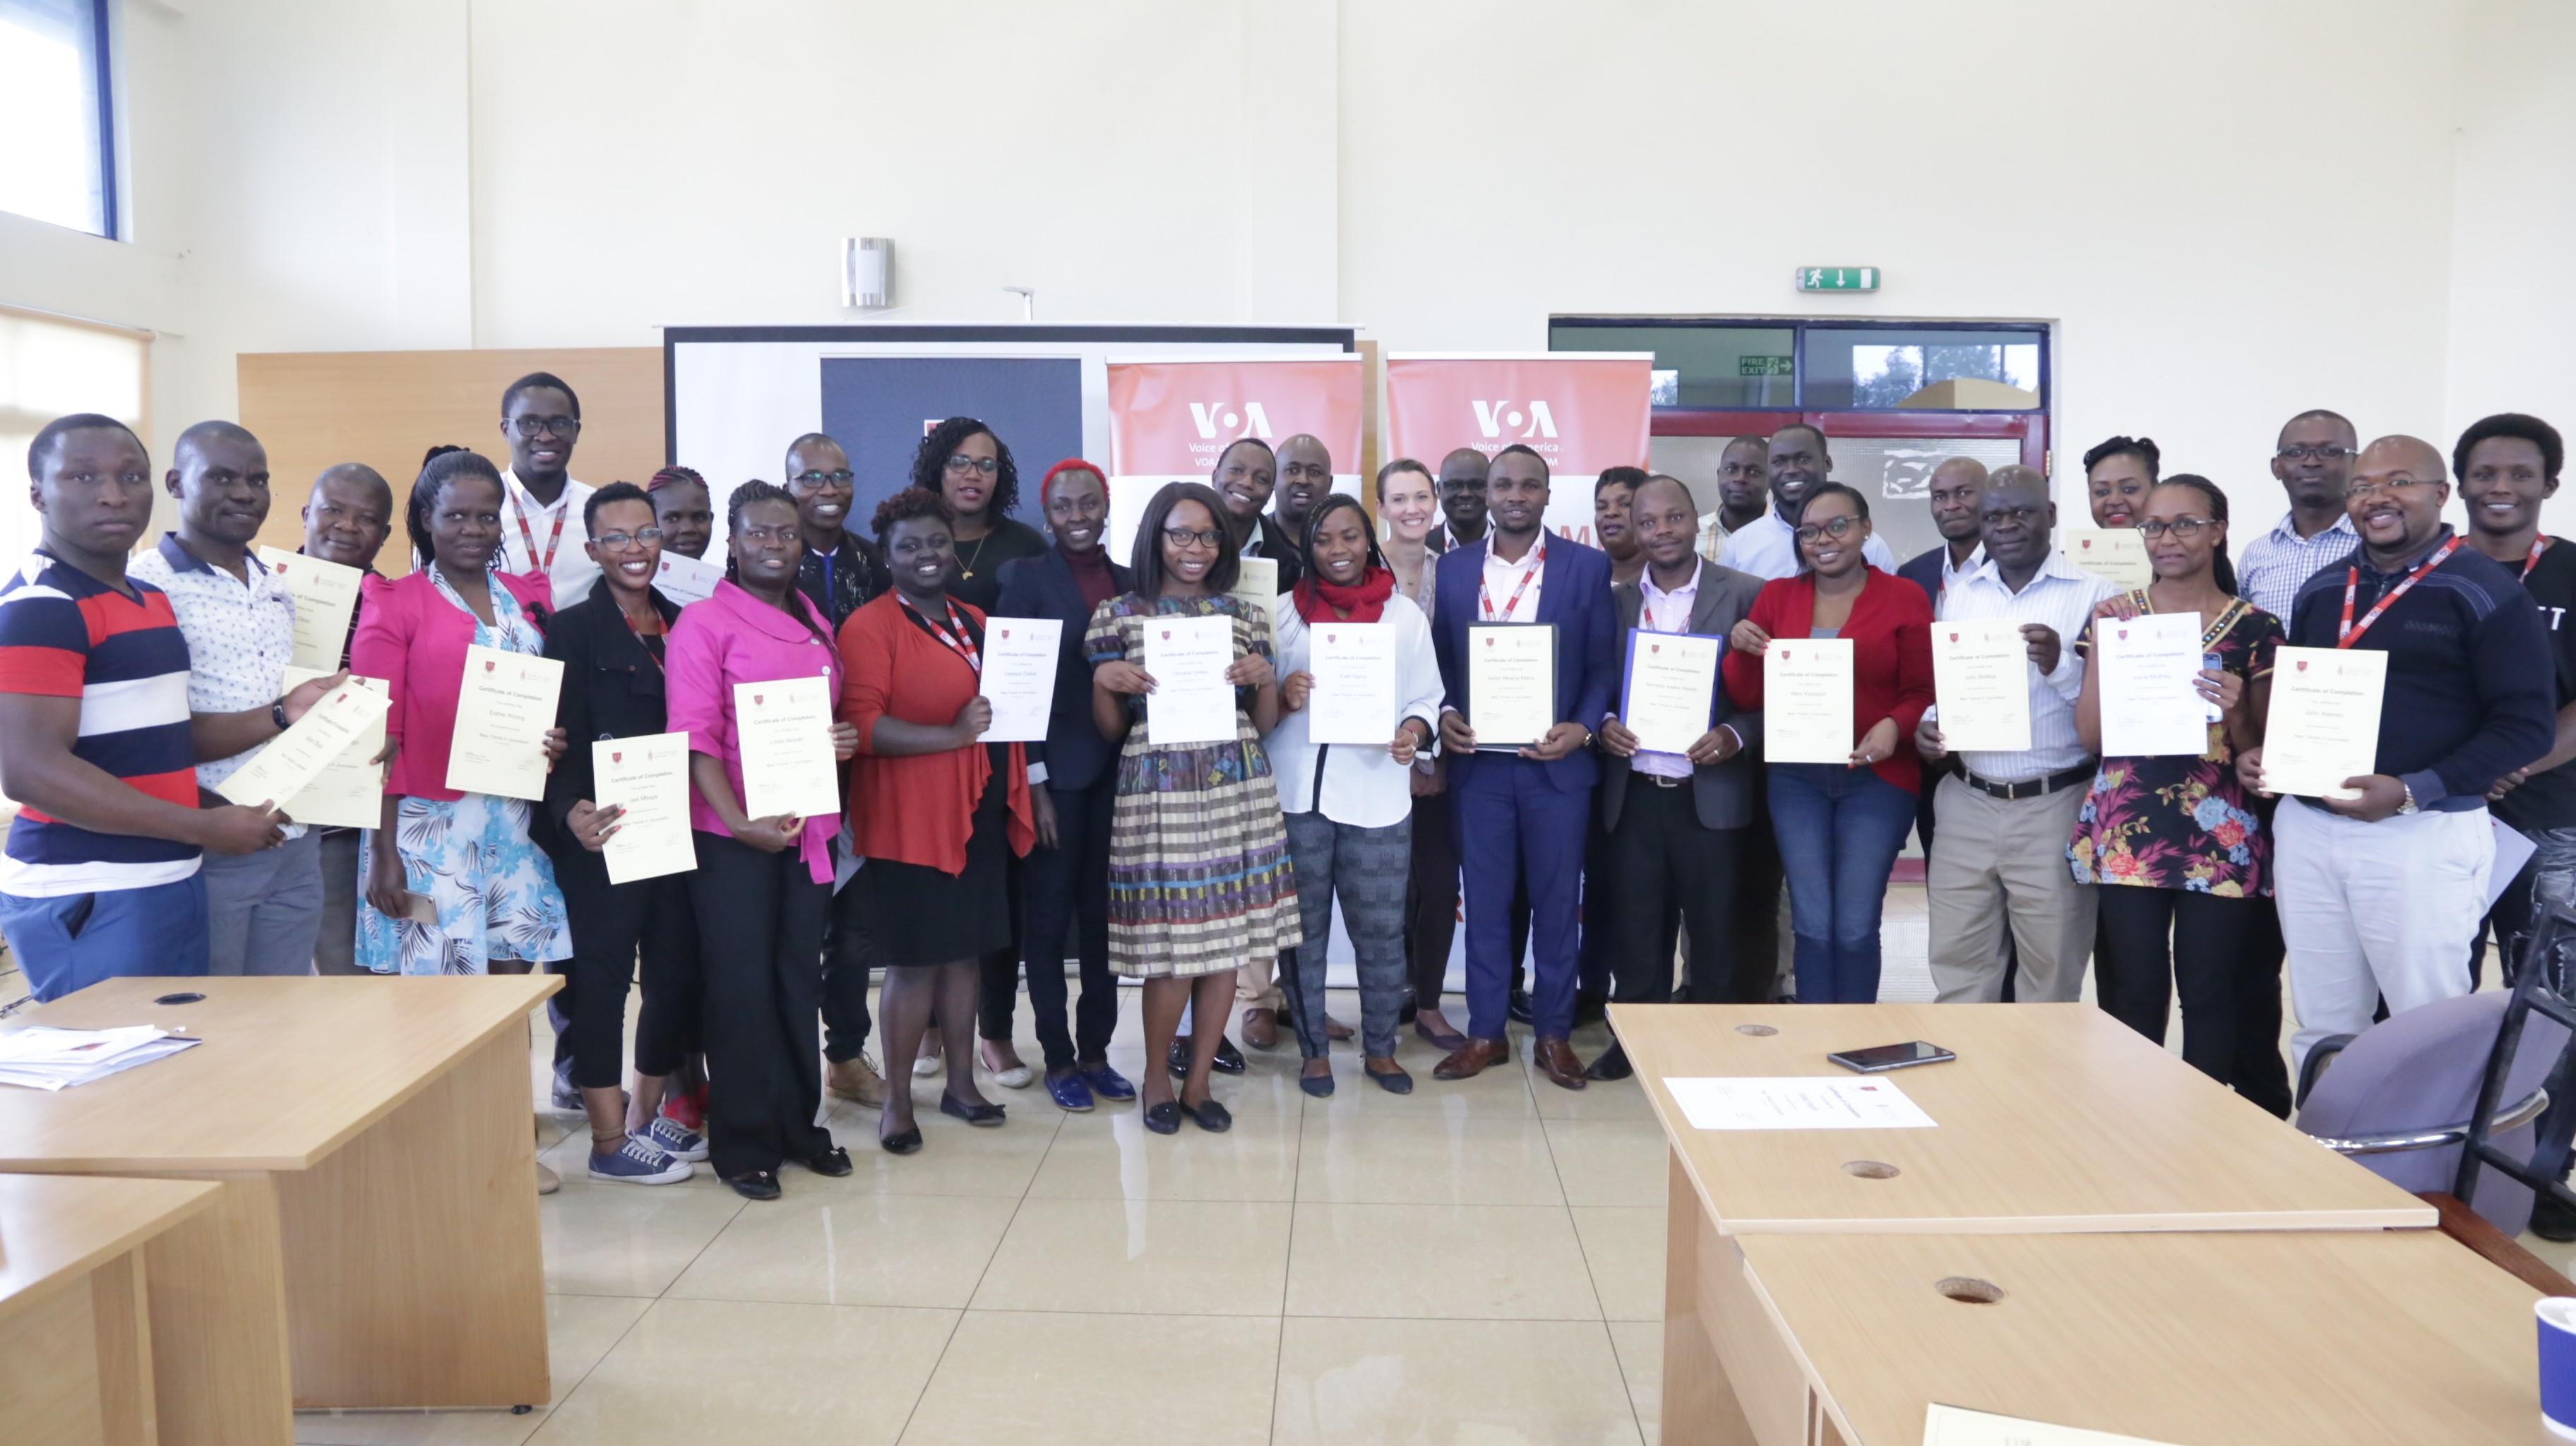 Kenya: New trends in journalism